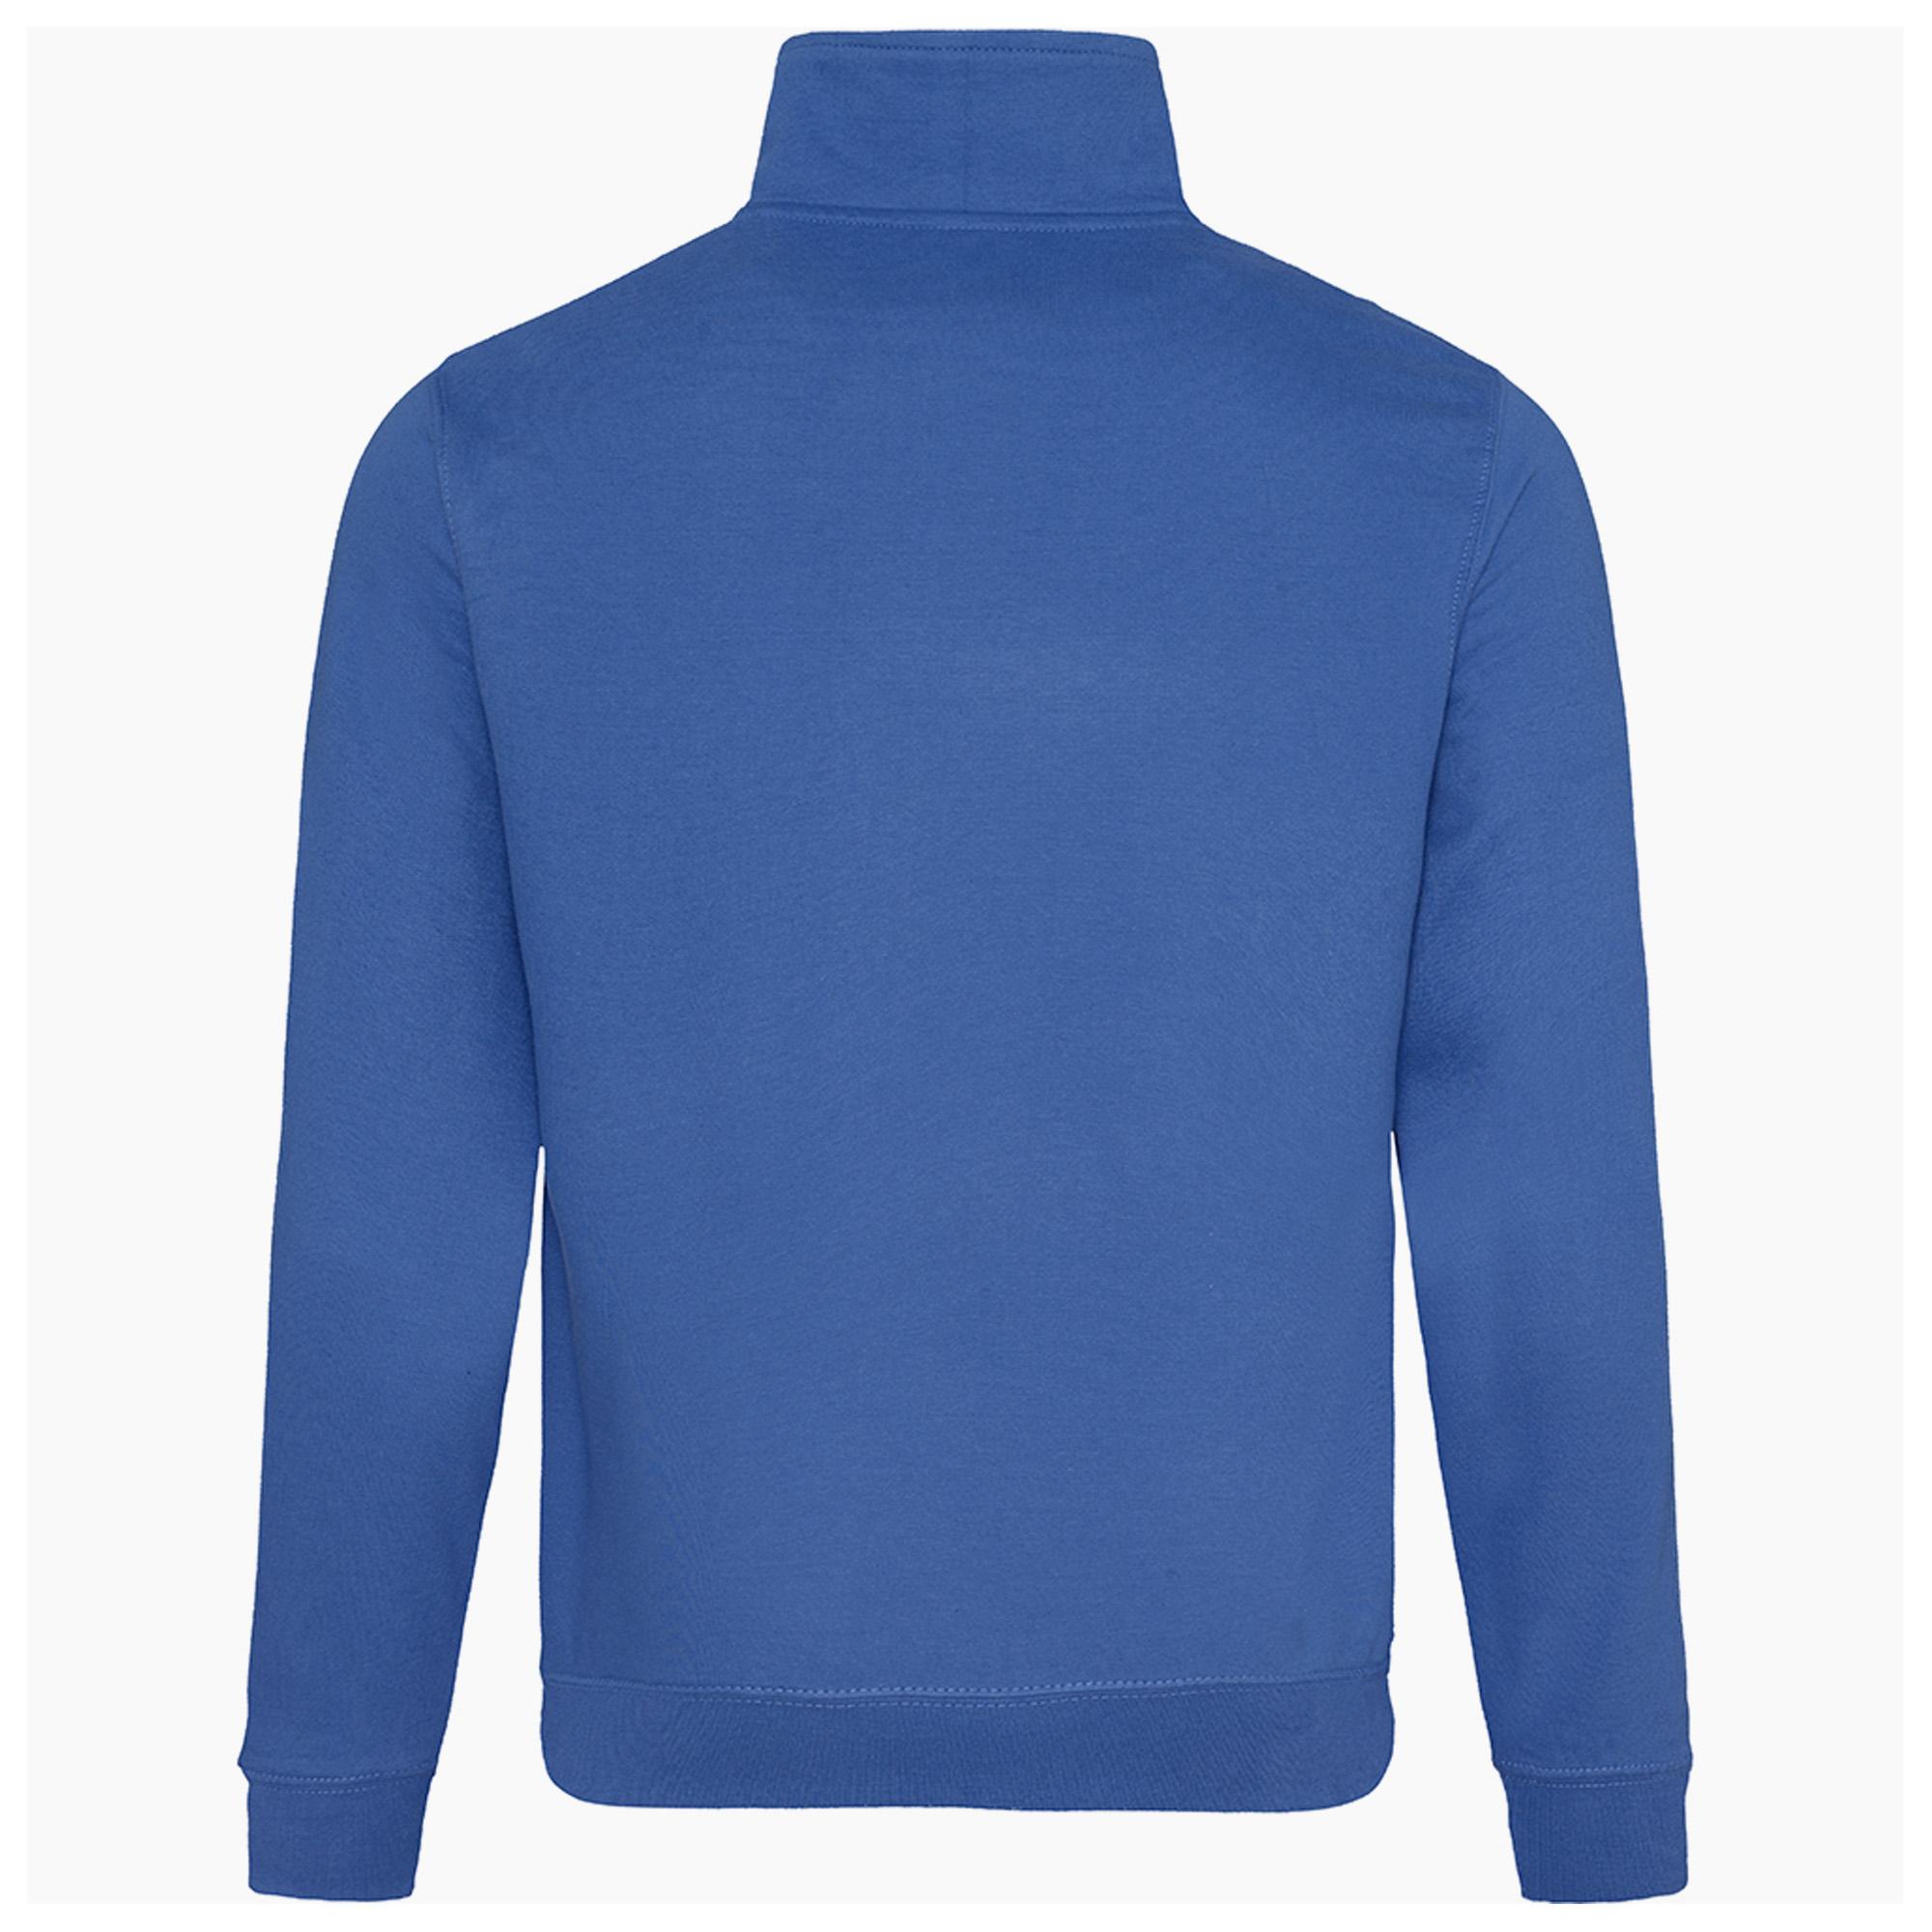 awdis herren sweatshirt pullover mit rei verschluss am. Black Bedroom Furniture Sets. Home Design Ideas